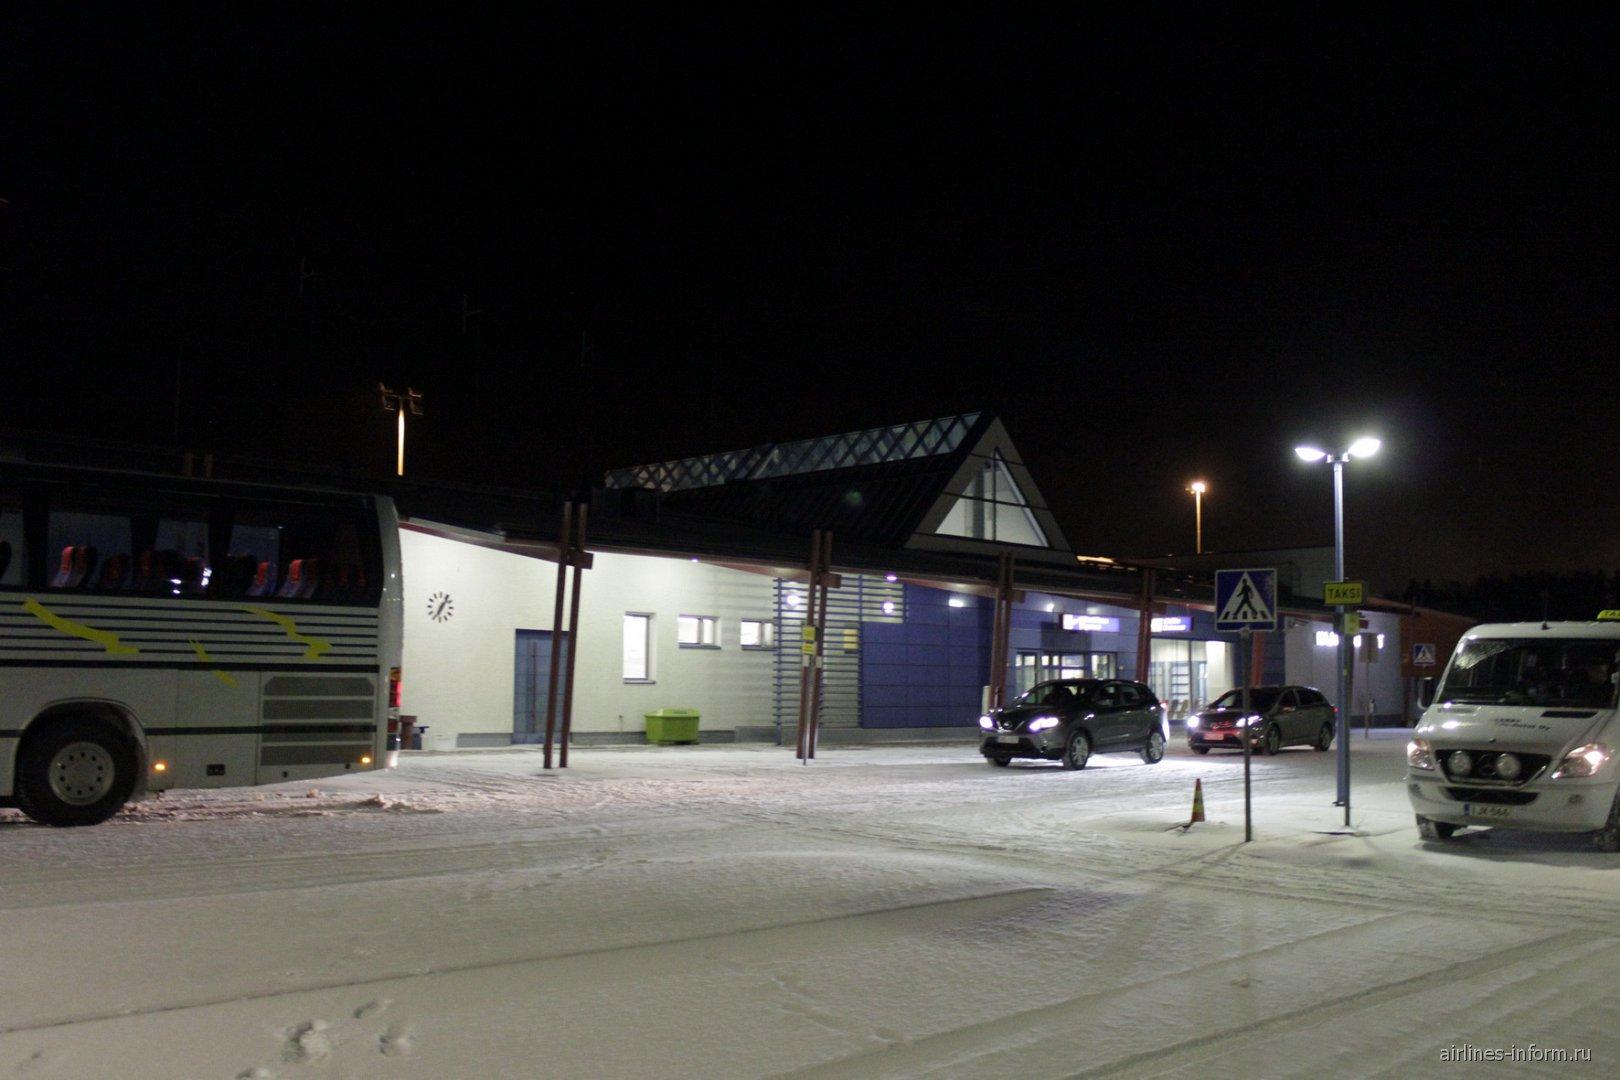 Пассажирский терминал аэропорта Каяни со стороны привокзальной площади